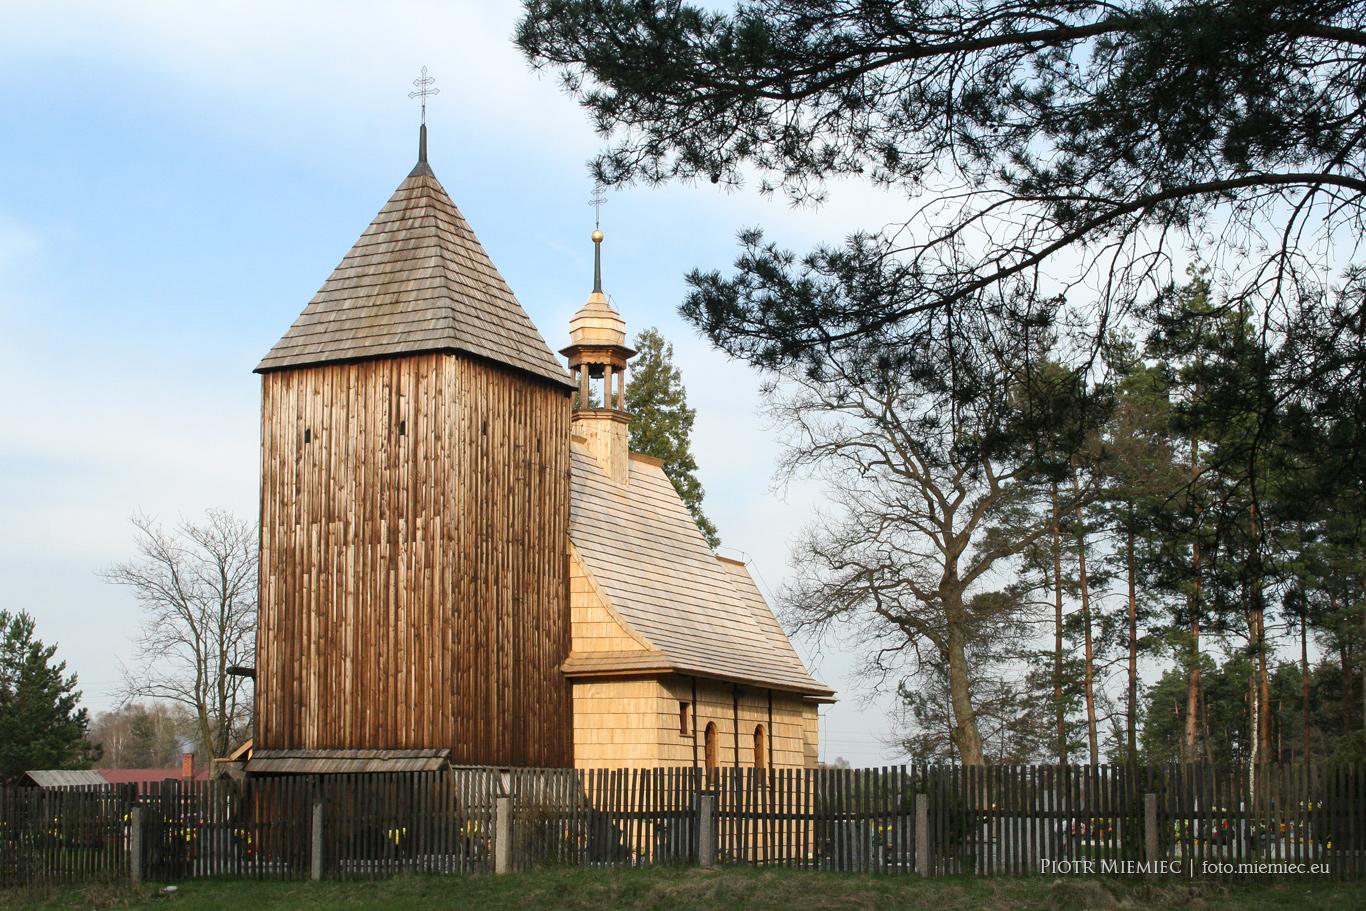 Drewniany kościół w Bruśku – kwiecień 2010